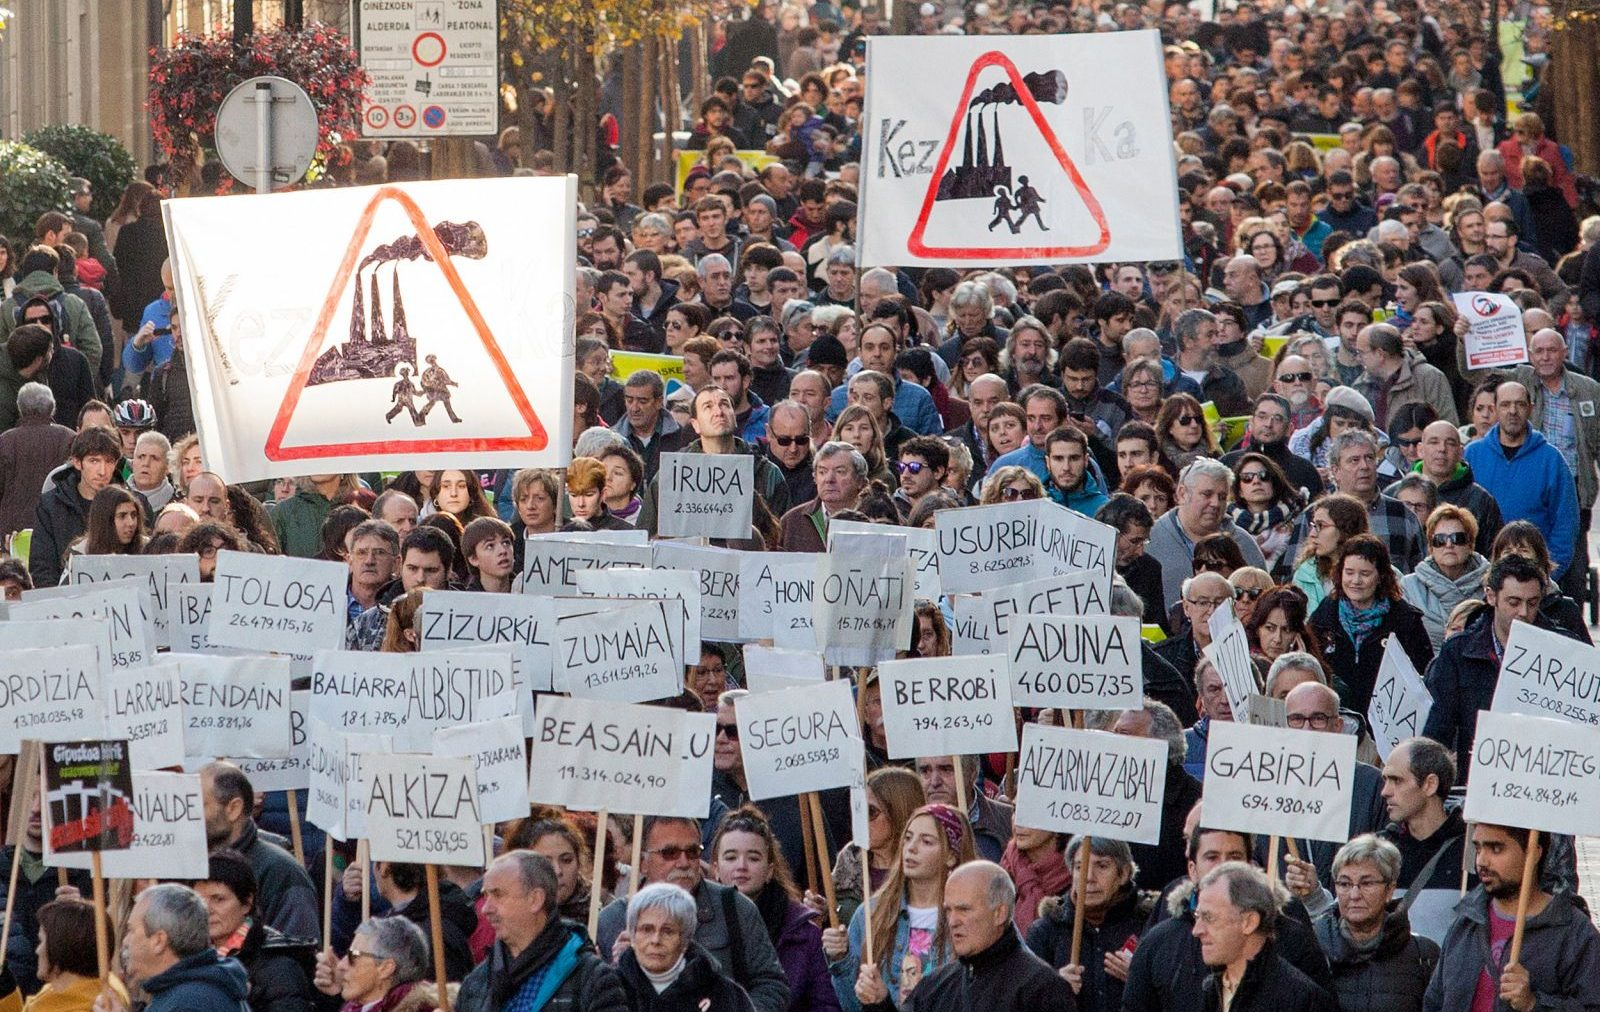 Etiketa: manifestazioa